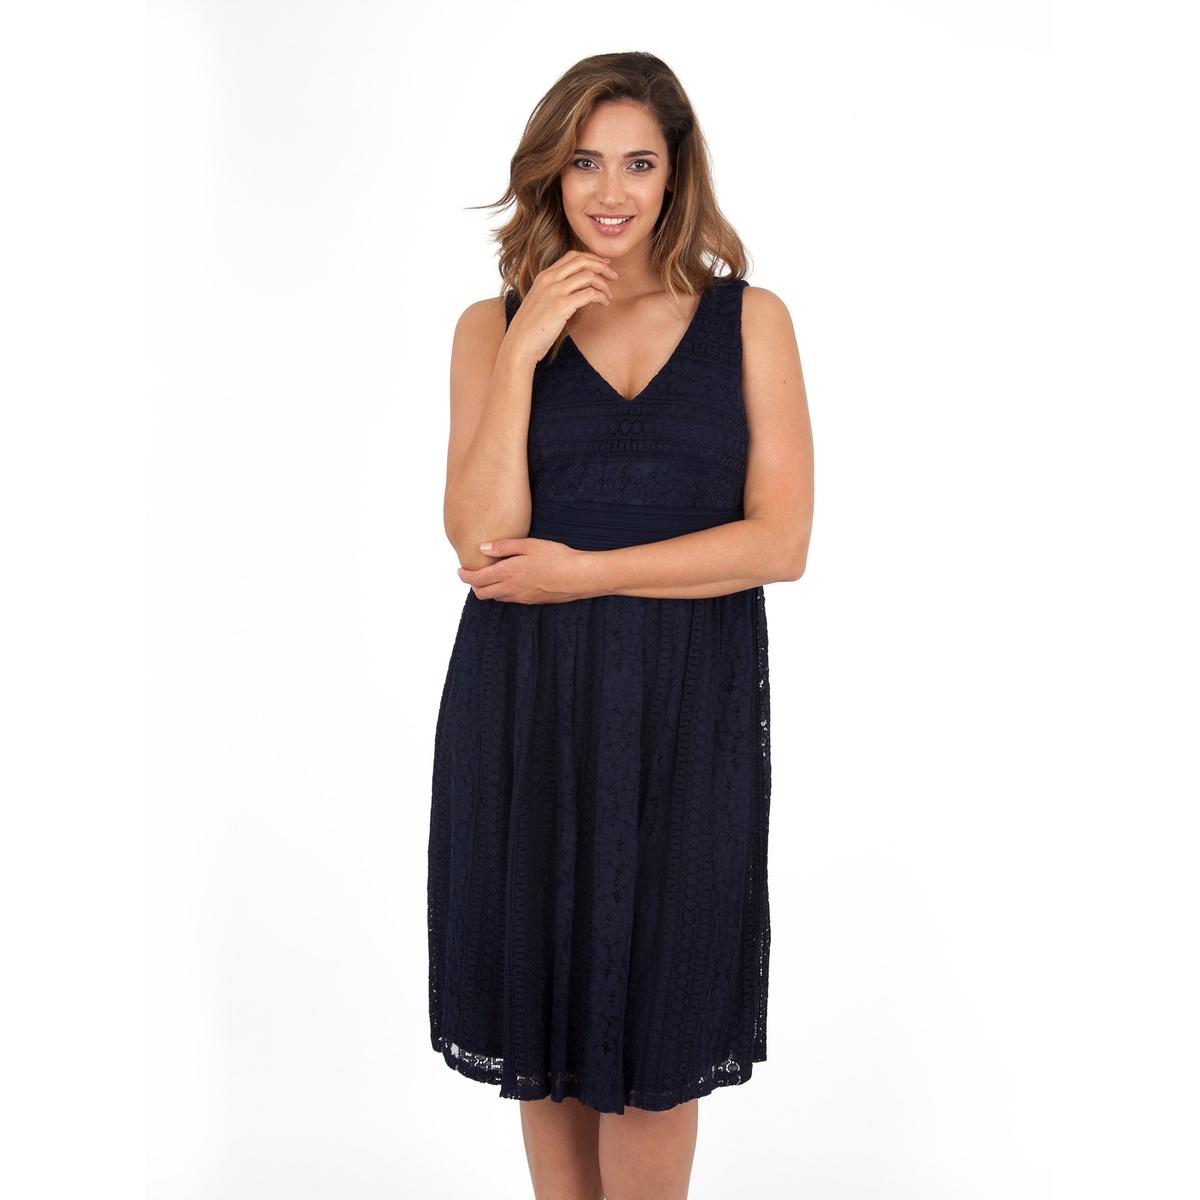 ПлатьеПлатье без рукавов - KOKO BY KOKO. Красивое кружевное платье. Разрез с застежкой сзади. Длина ок.104 см. 100% полиэстера.<br><br>Цвет: темно-синий<br>Размер: 54/56 (FR) - 60/62 (RUS).46 (FR) - 52 (RUS)